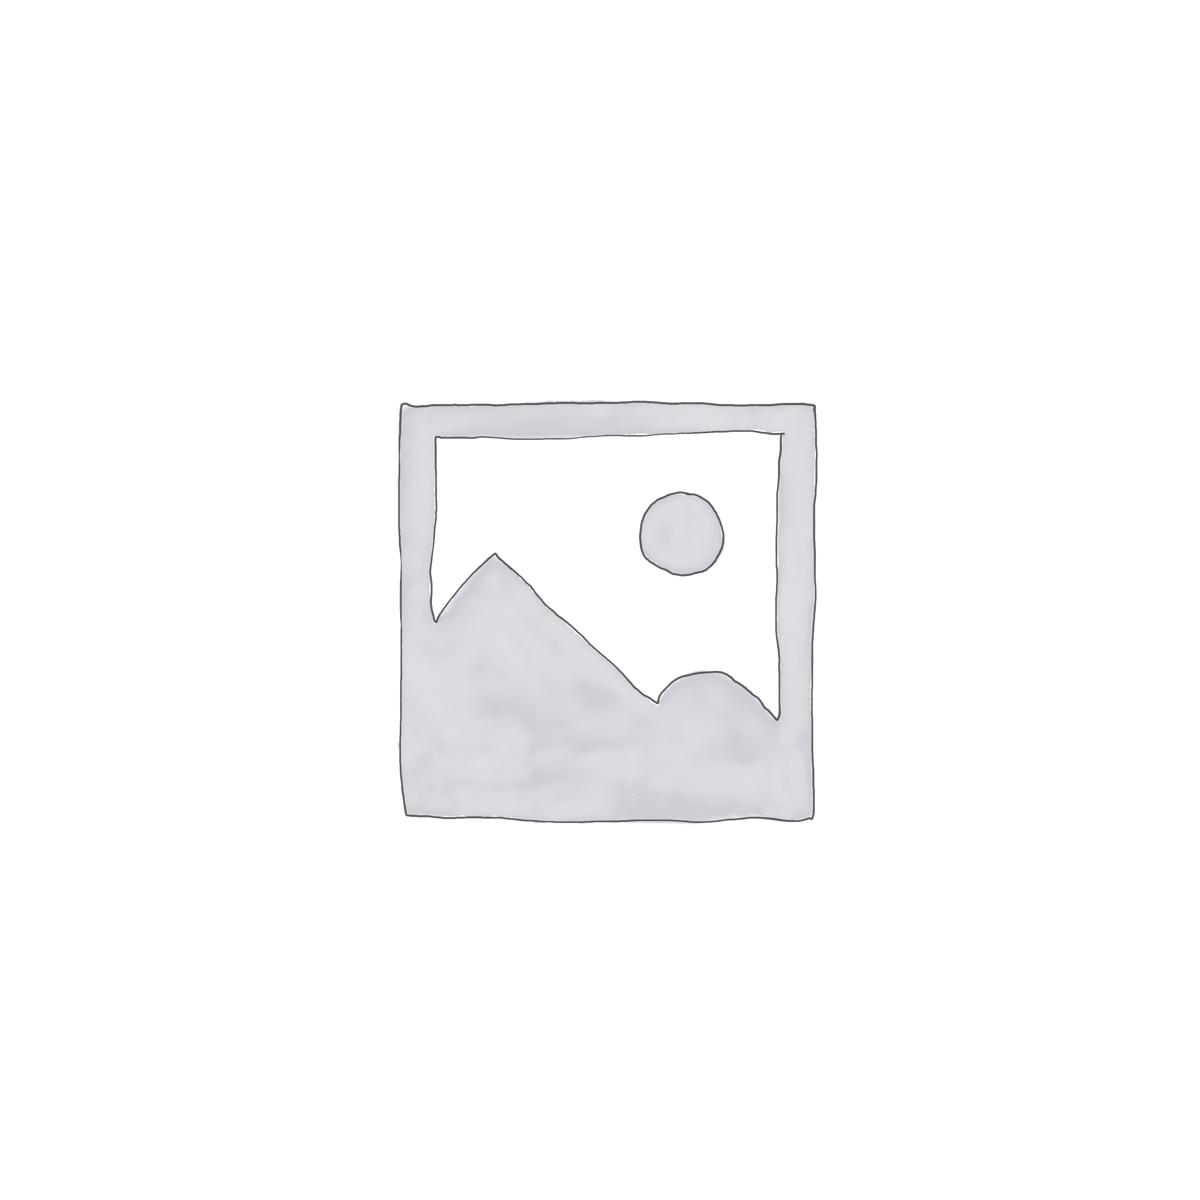 فایل صوتی درسگفتارها (مجازی)